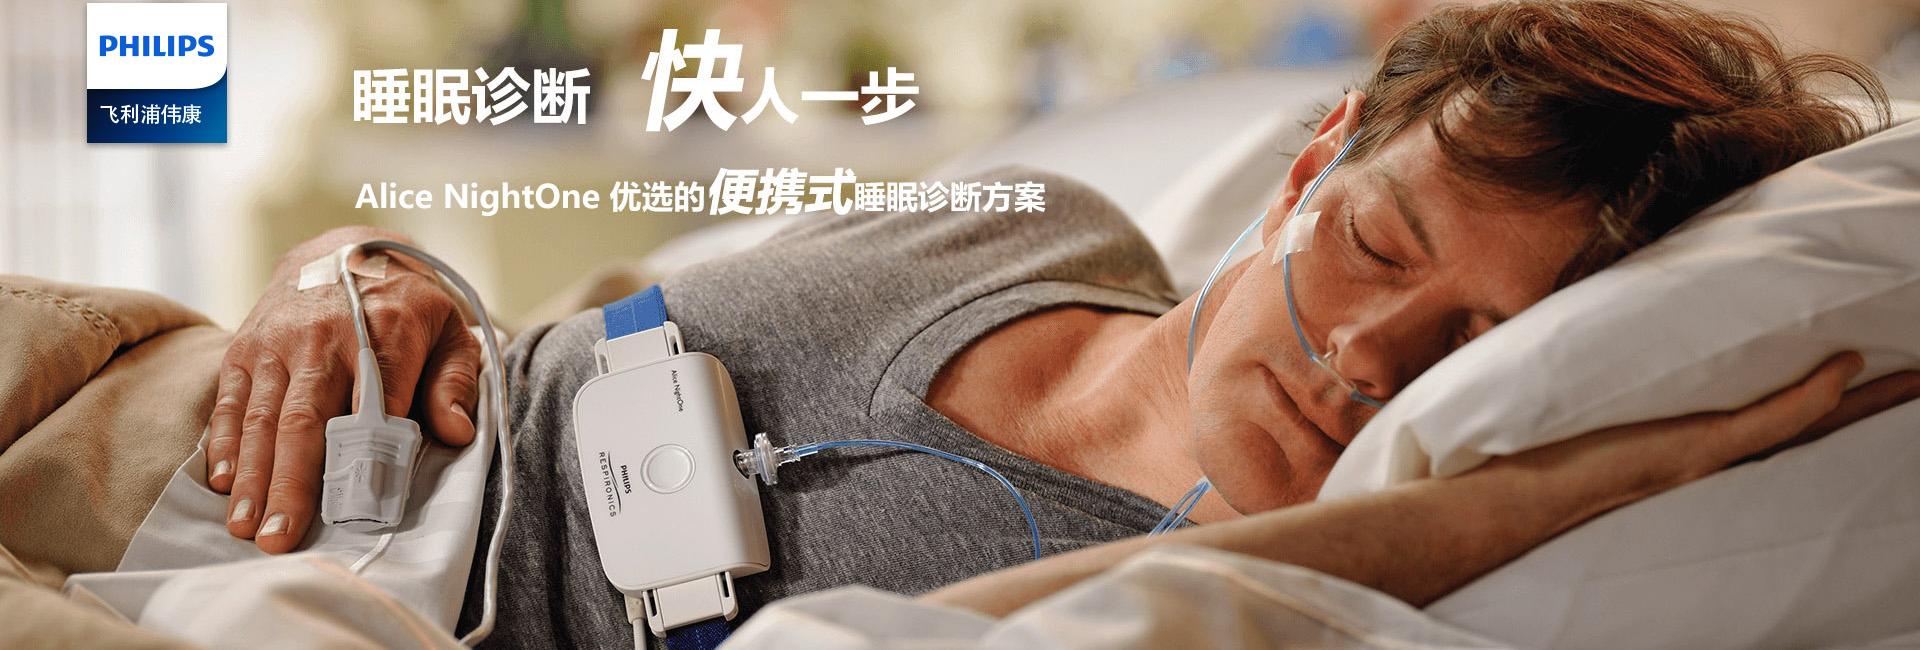 飞利浦伟康呼吸机